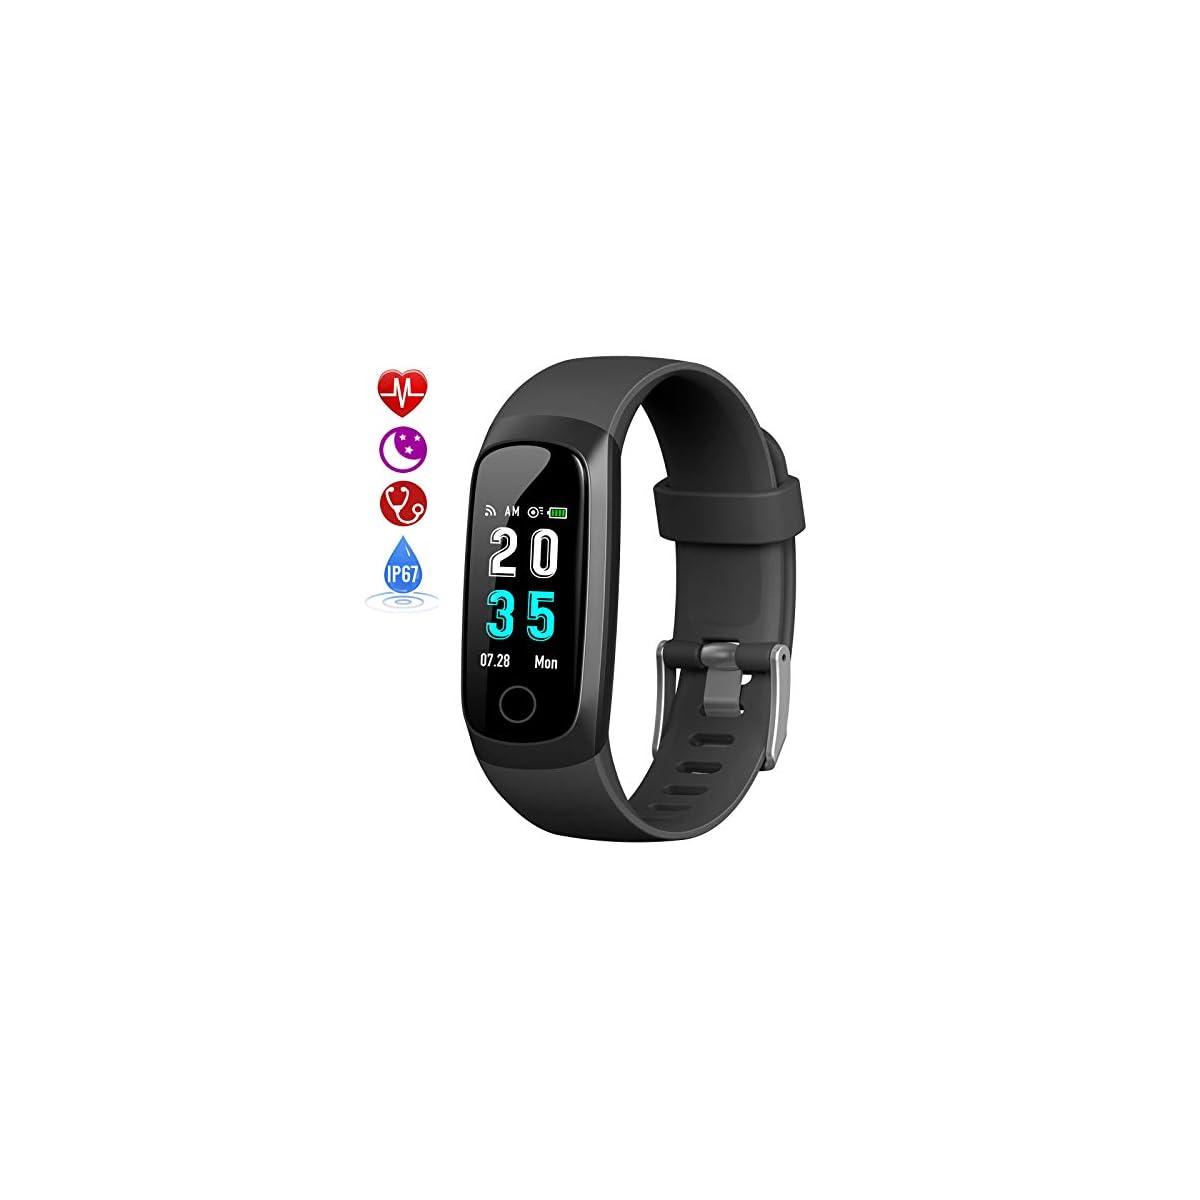 41JUKp6R09L. SS1200  - HETP Pulsera de Actividad Inteligente, Reloj Inteligente Hombre Mujer con Pulsómetro y Presión Arterial Reloj Deportivo Podómetro GPS Impermeable IP67 Cronómetro Smartwatch para Android iOS Teléfono